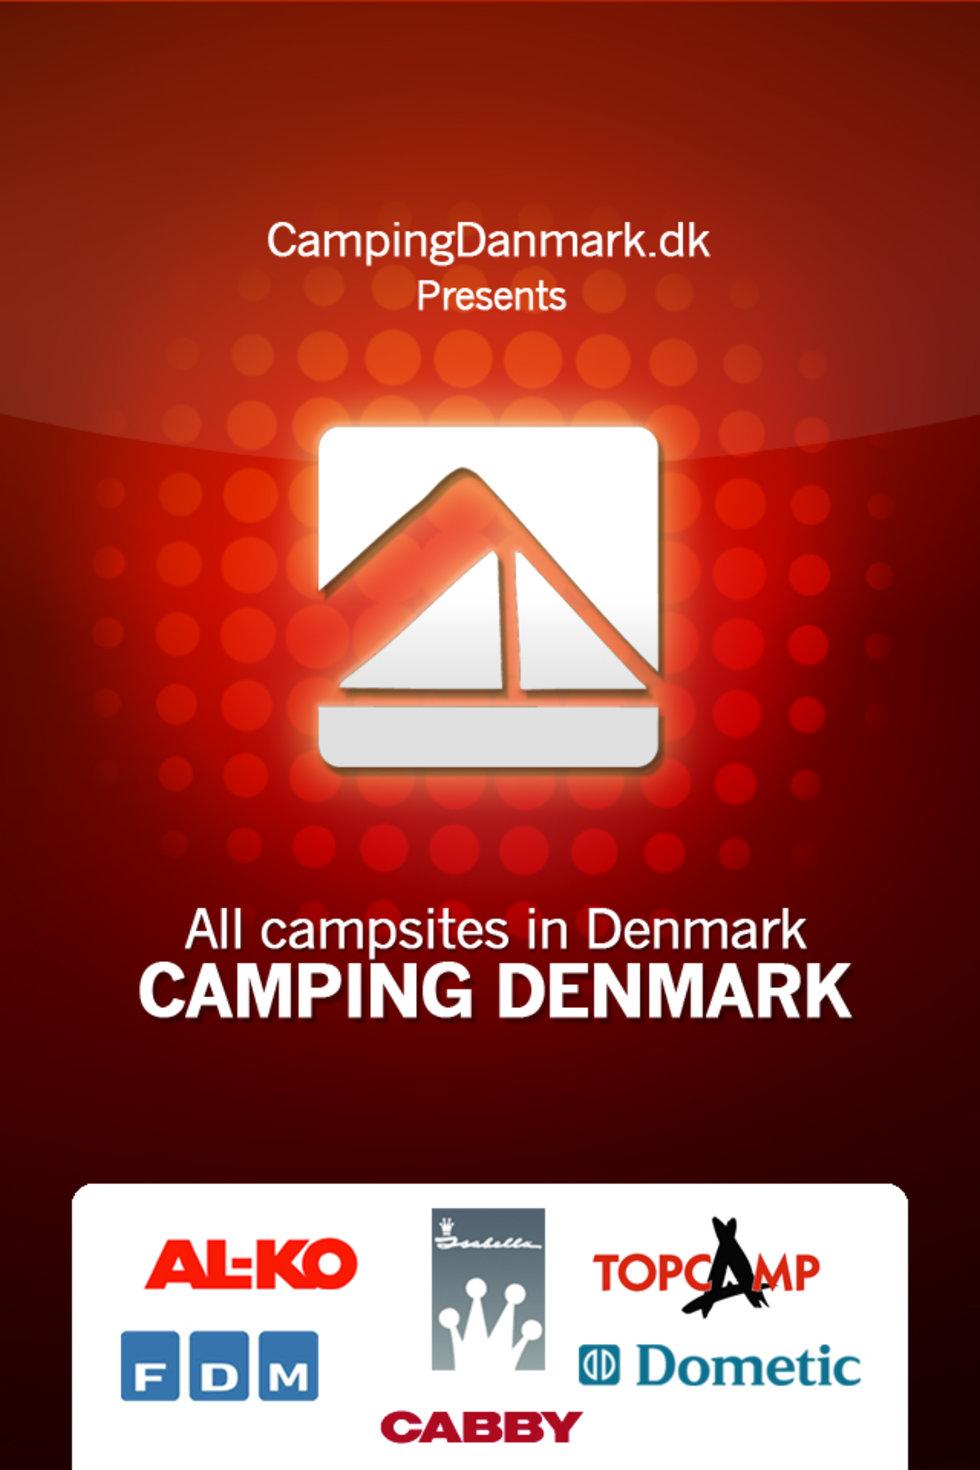 Hent Nordens Første Camping App Til Android Og Iphone Gratis Din